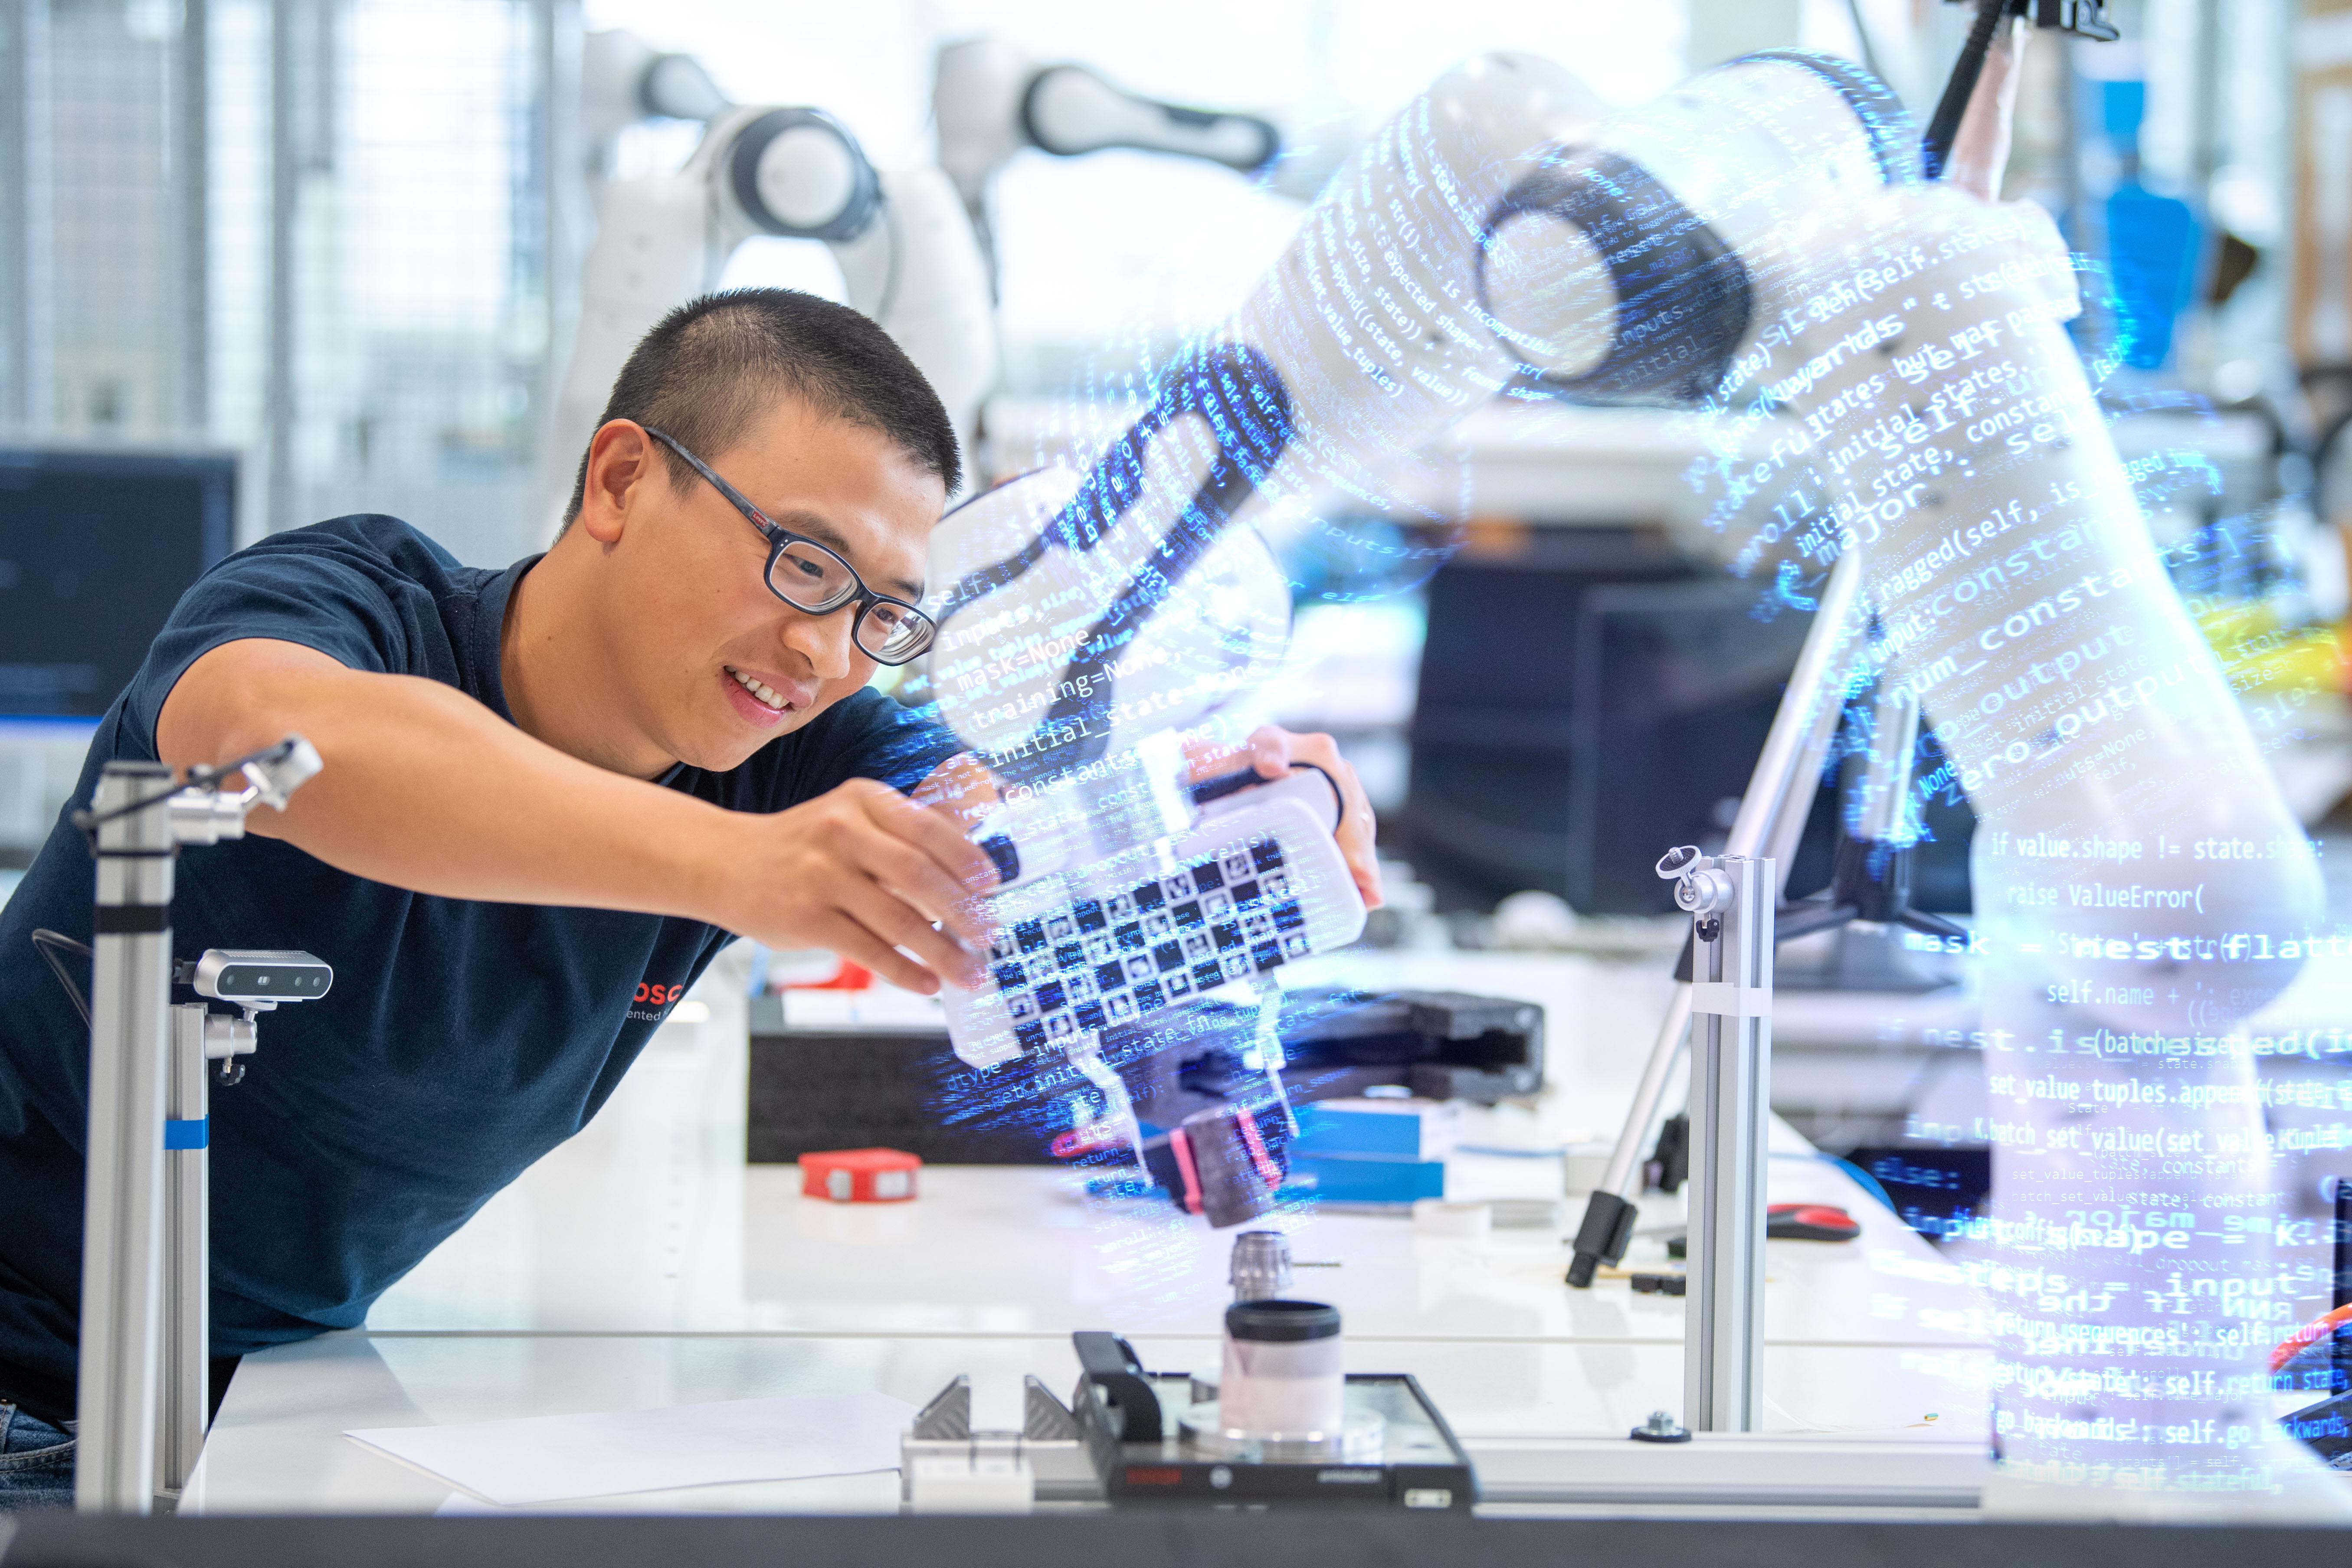 Bosch se plně věnuje umělé inteligenci ve výrobě